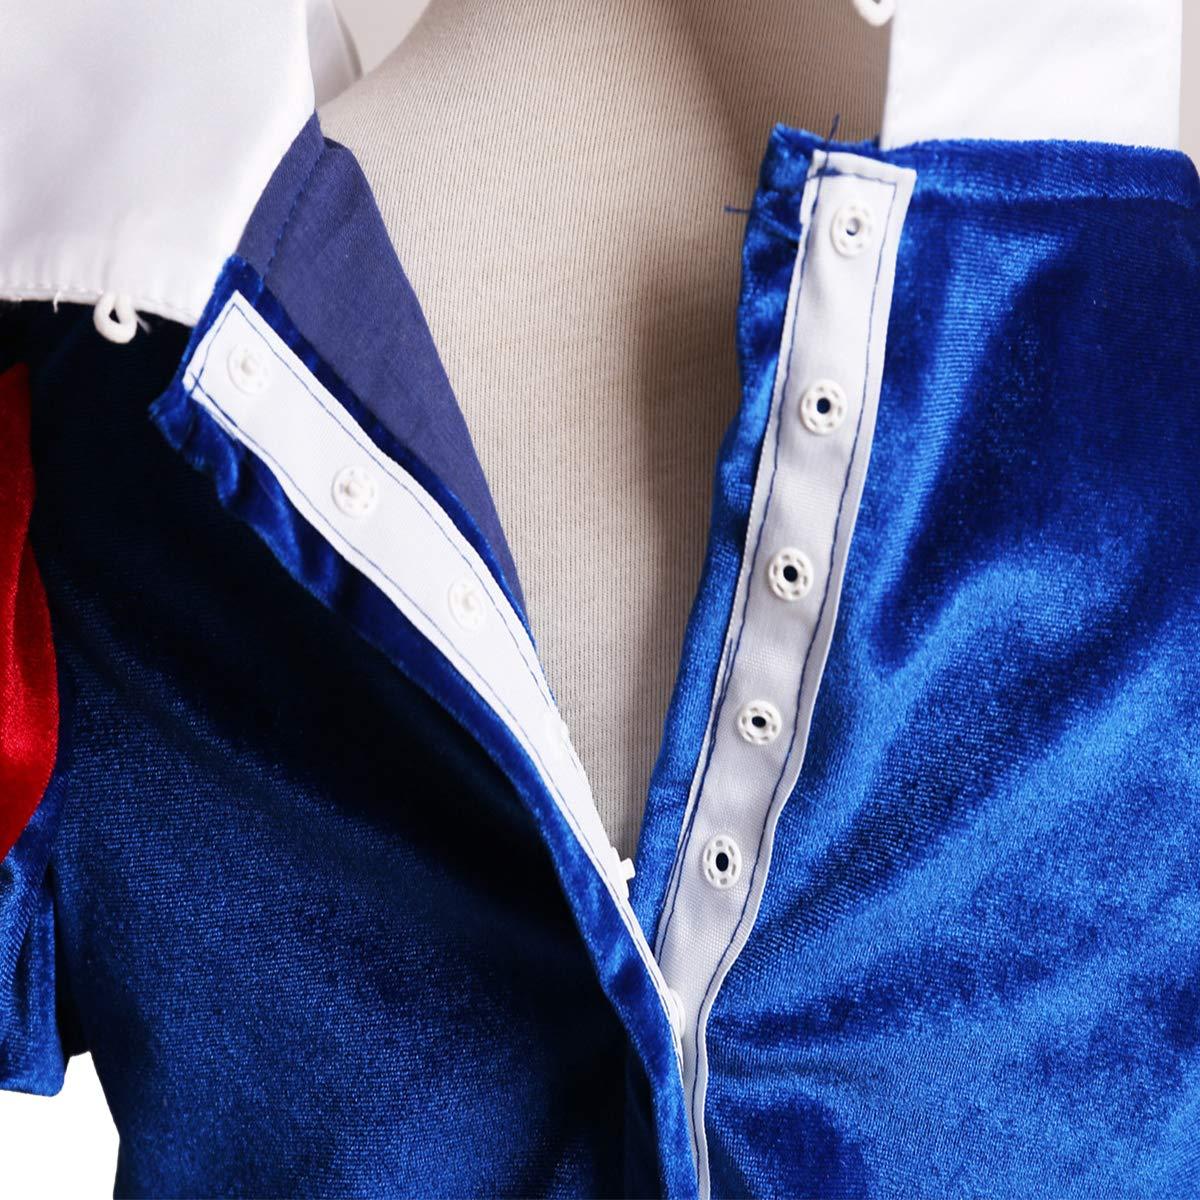 OBEEII Disfraz Blancanieves Ni/ña Vestido de Princesa Carnaval Traje 3PCS Disfraces de Halloween Navidad Cumplea/ños Pageant 3-8A/ños